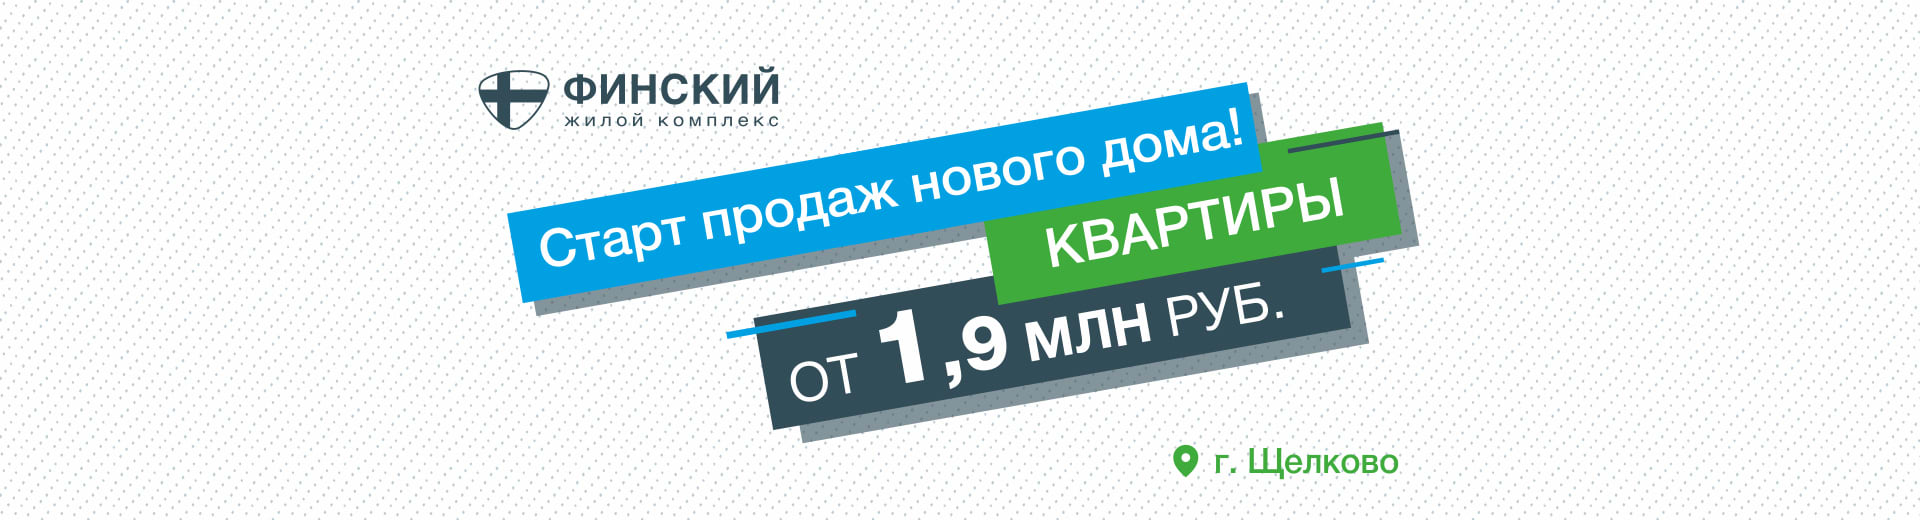 база данных строительных компаний москвы и московской области бесплатно